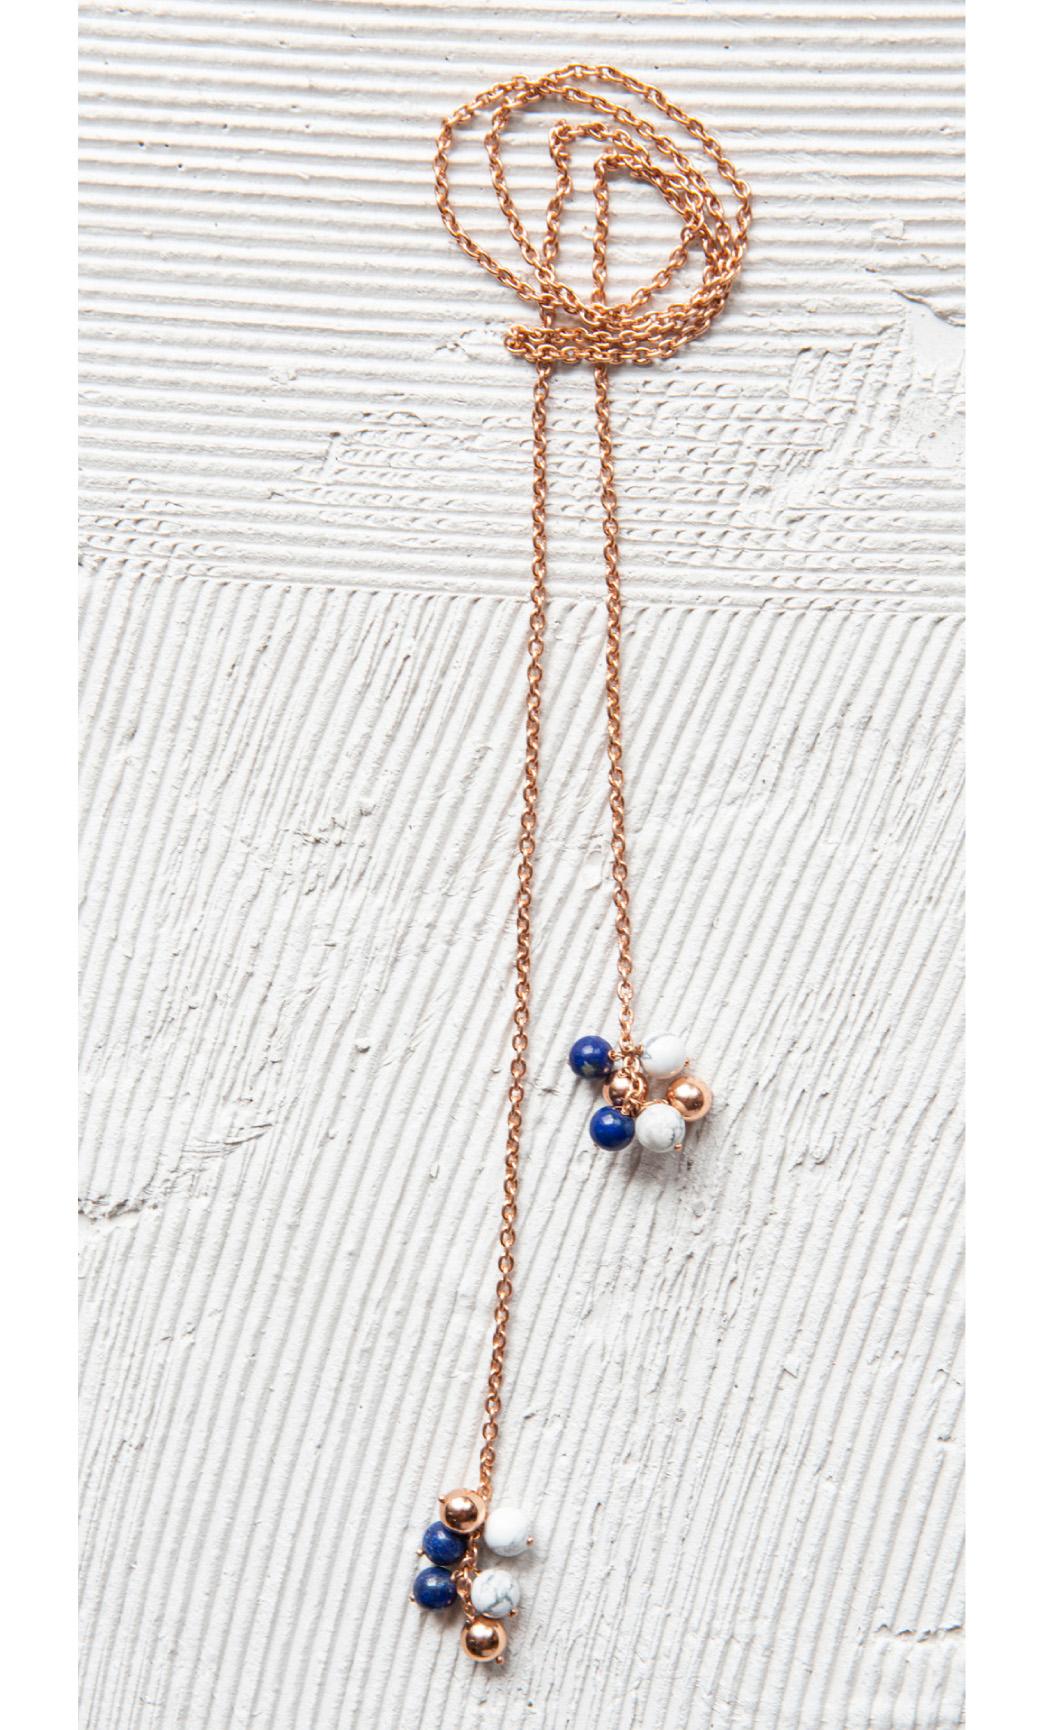 Multi Colour Ball Scarf Neckpiece - Buy Now.